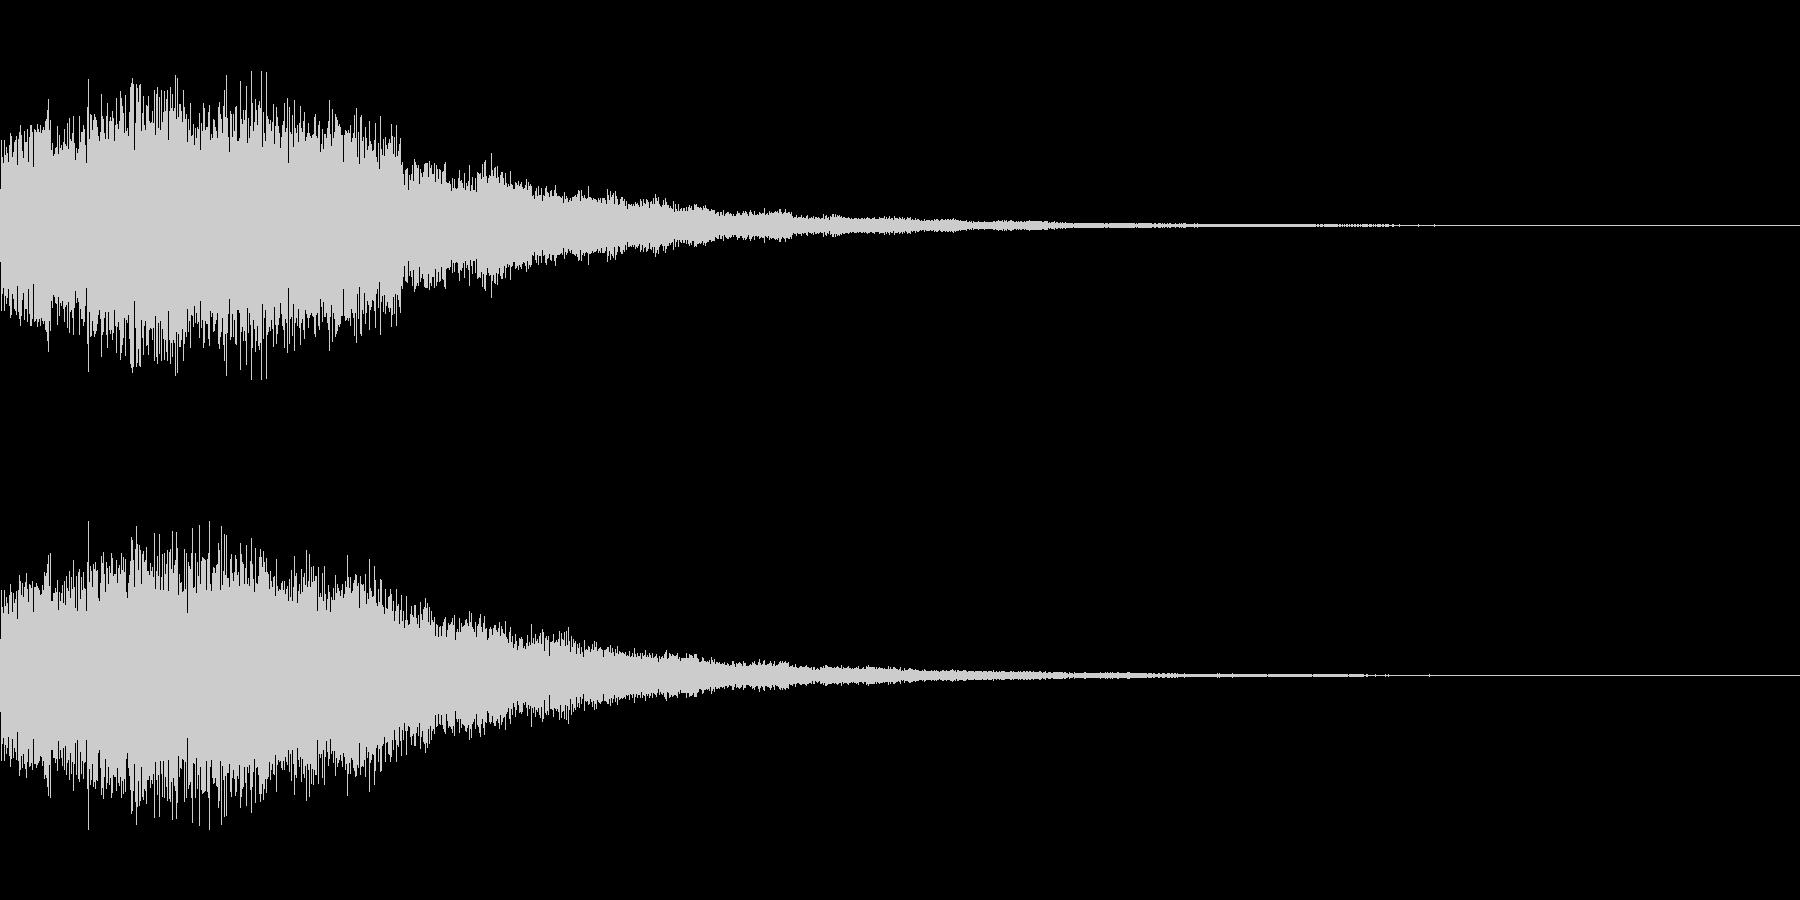 シンセサイザー 決定/スタート音1の未再生の波形